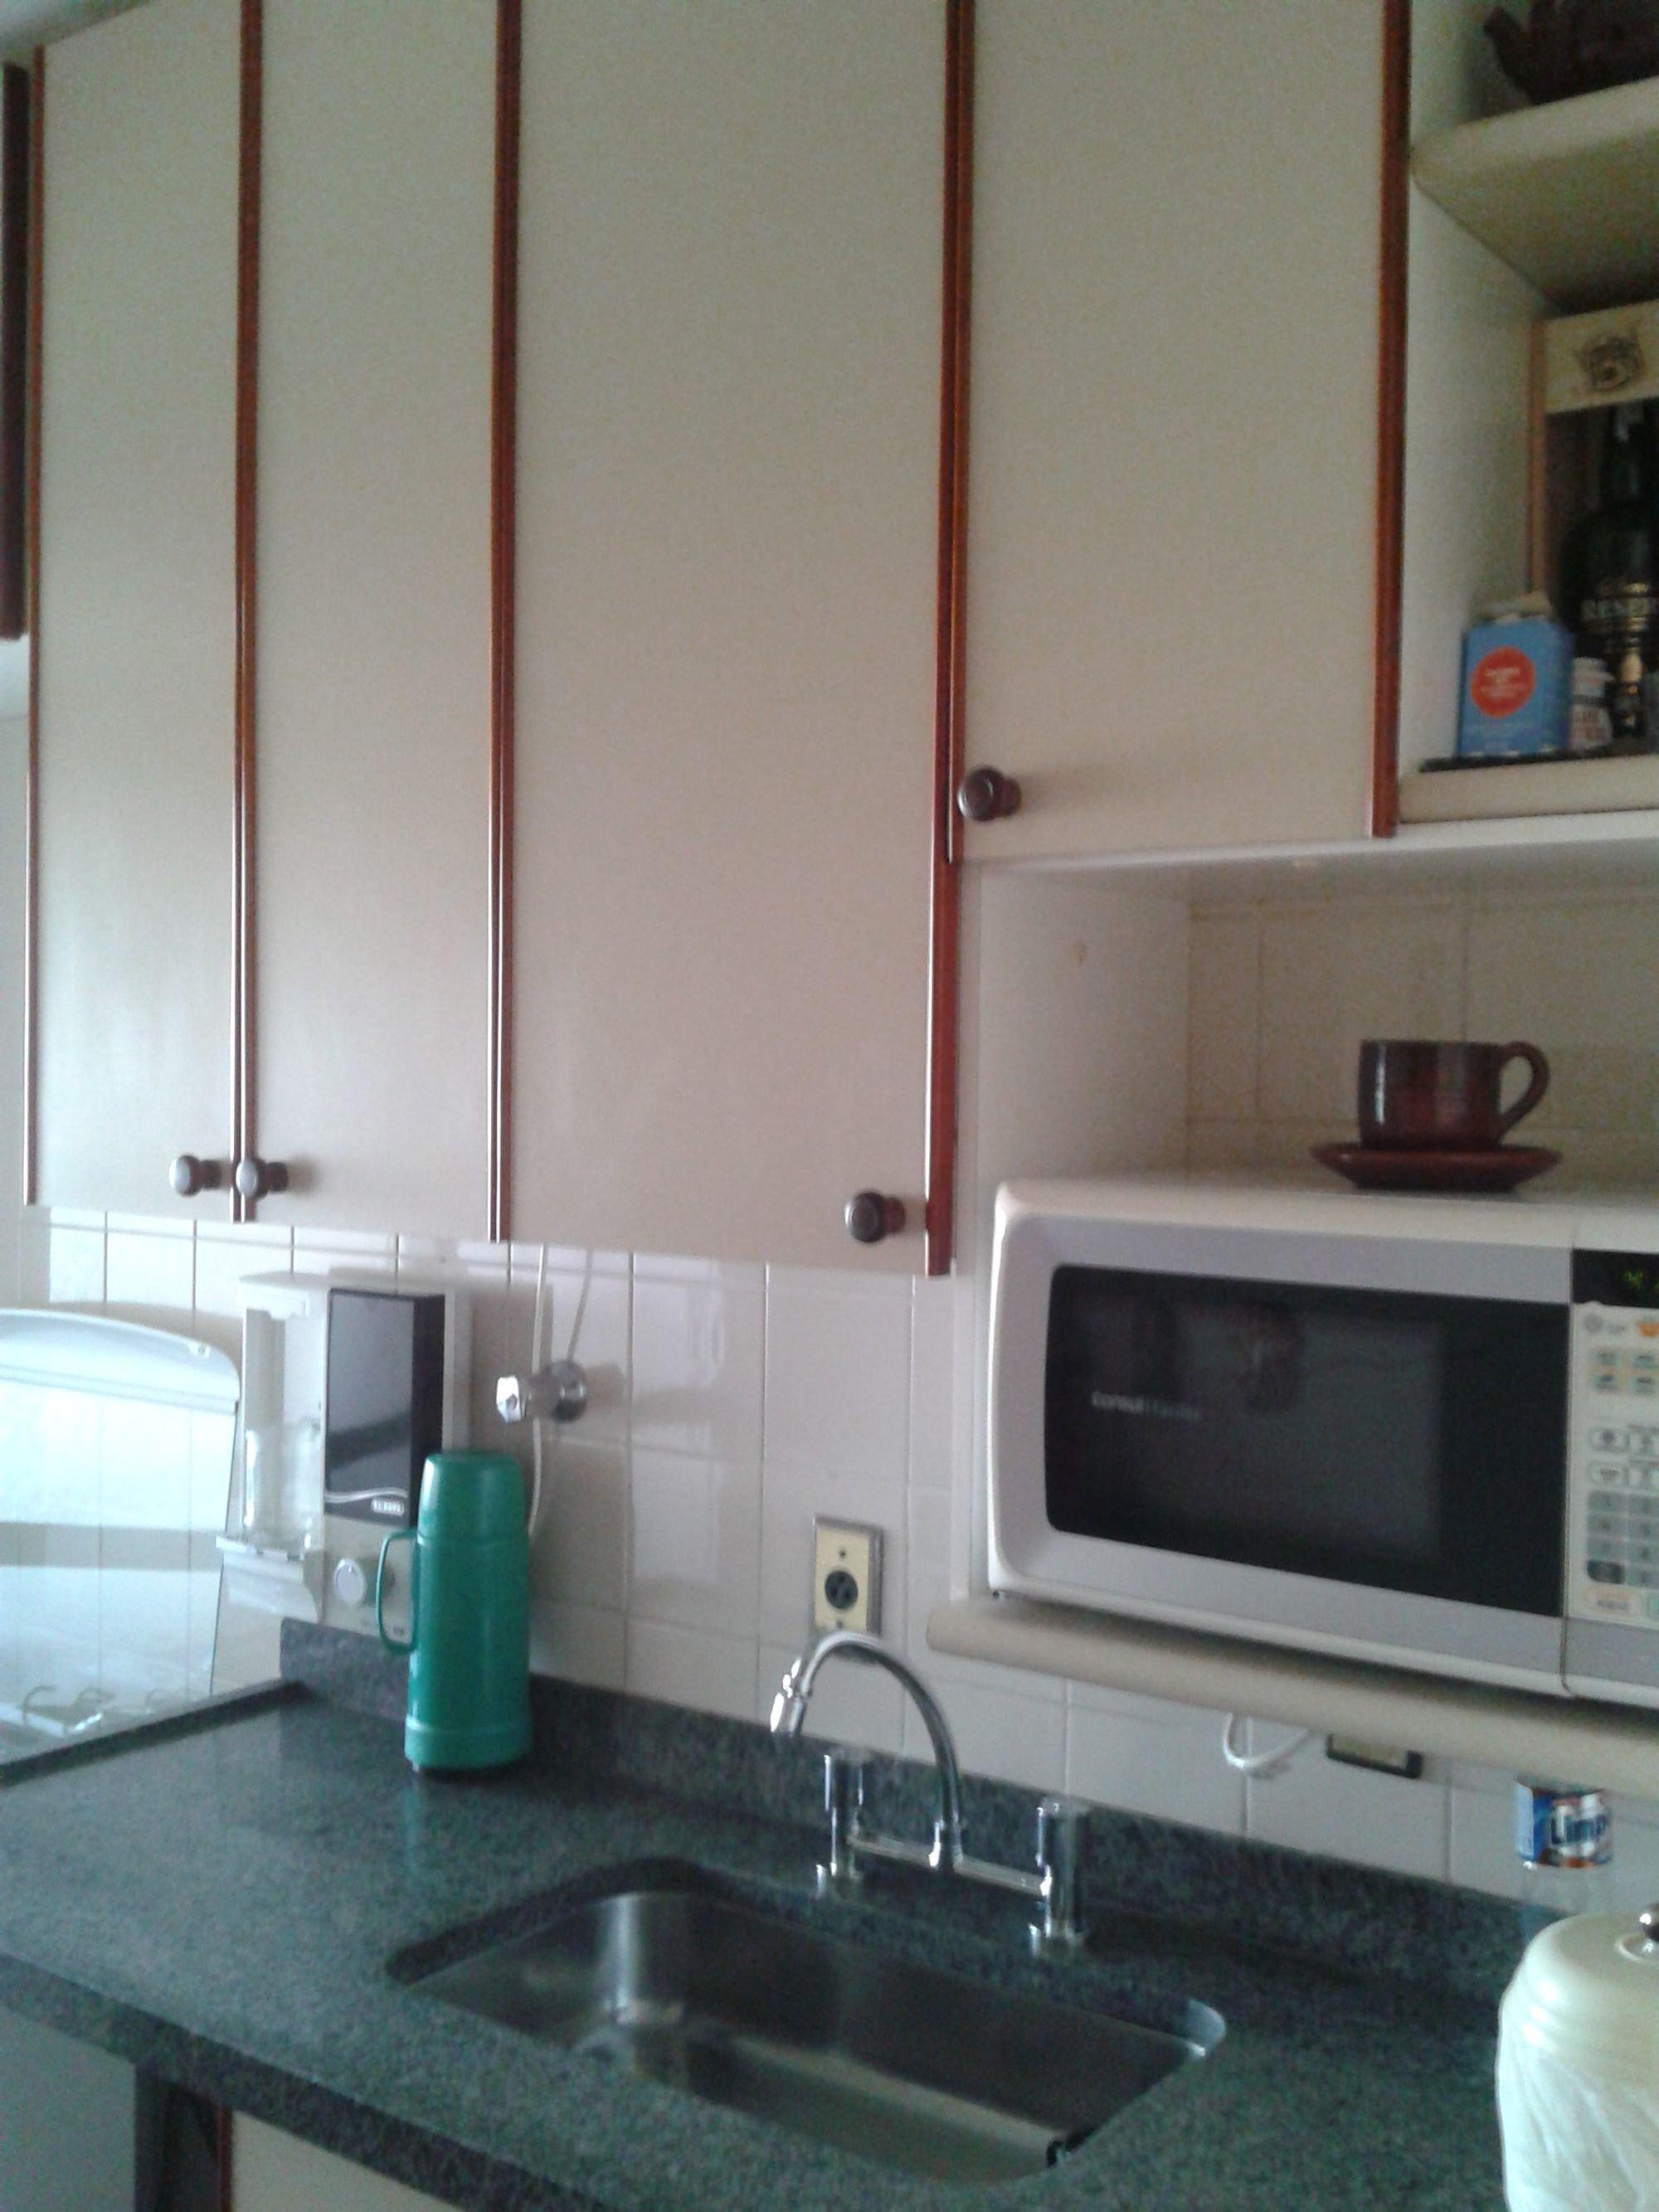 Foto de Cozinha com pia, microondas, xícara